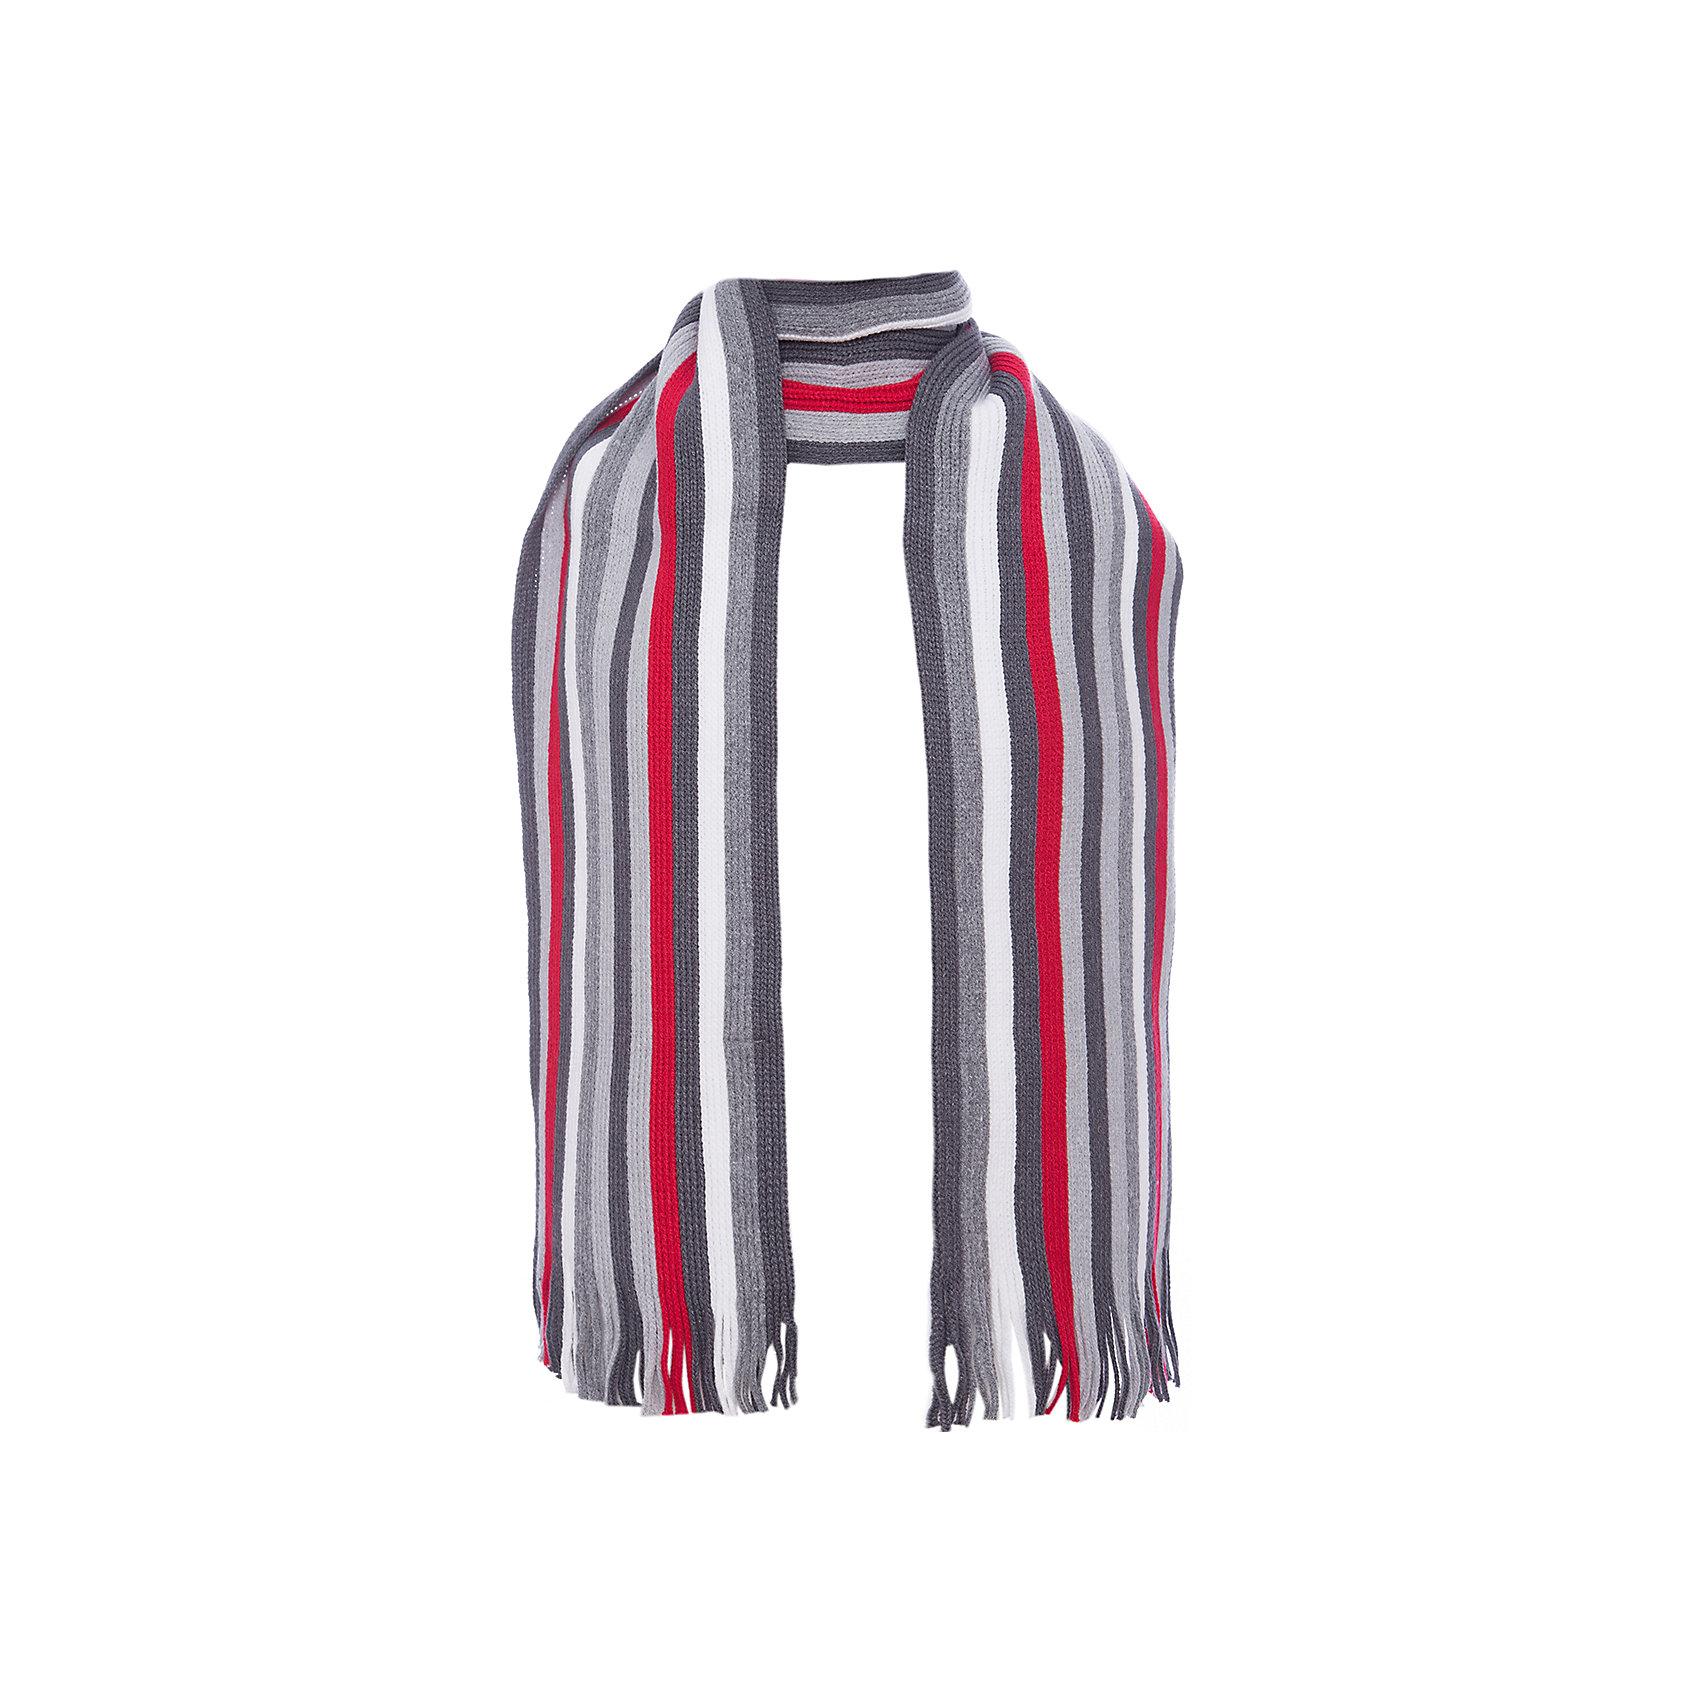 Шарф Scool для мальчикаВерхняя одежда<br>Шарф Scool для мальчика<br>Стильный вязаный шарф согреет ребенка в промозглую погоду и дополнит образ. Модель выполнена в технике yarn dyed - в процессе производства используются разного цвета нити. При рекомендуемом уходе изделие не линяет и надолго остается в первоначальном виде. За счет высокого содержание в материале натурального хлопка шарф не вызывает раздражений нежной детской кожи.<br>Состав:<br>60% хлопок, 40% акрил<br><br>Ширина мм: 88<br>Глубина мм: 155<br>Высота мм: 26<br>Вес г: 106<br>Цвет: белый<br>Возраст от месяцев: 108<br>Возраст до месяцев: 168<br>Пол: Мужской<br>Возраст: Детский<br>Размер: one size<br>SKU: 7104830